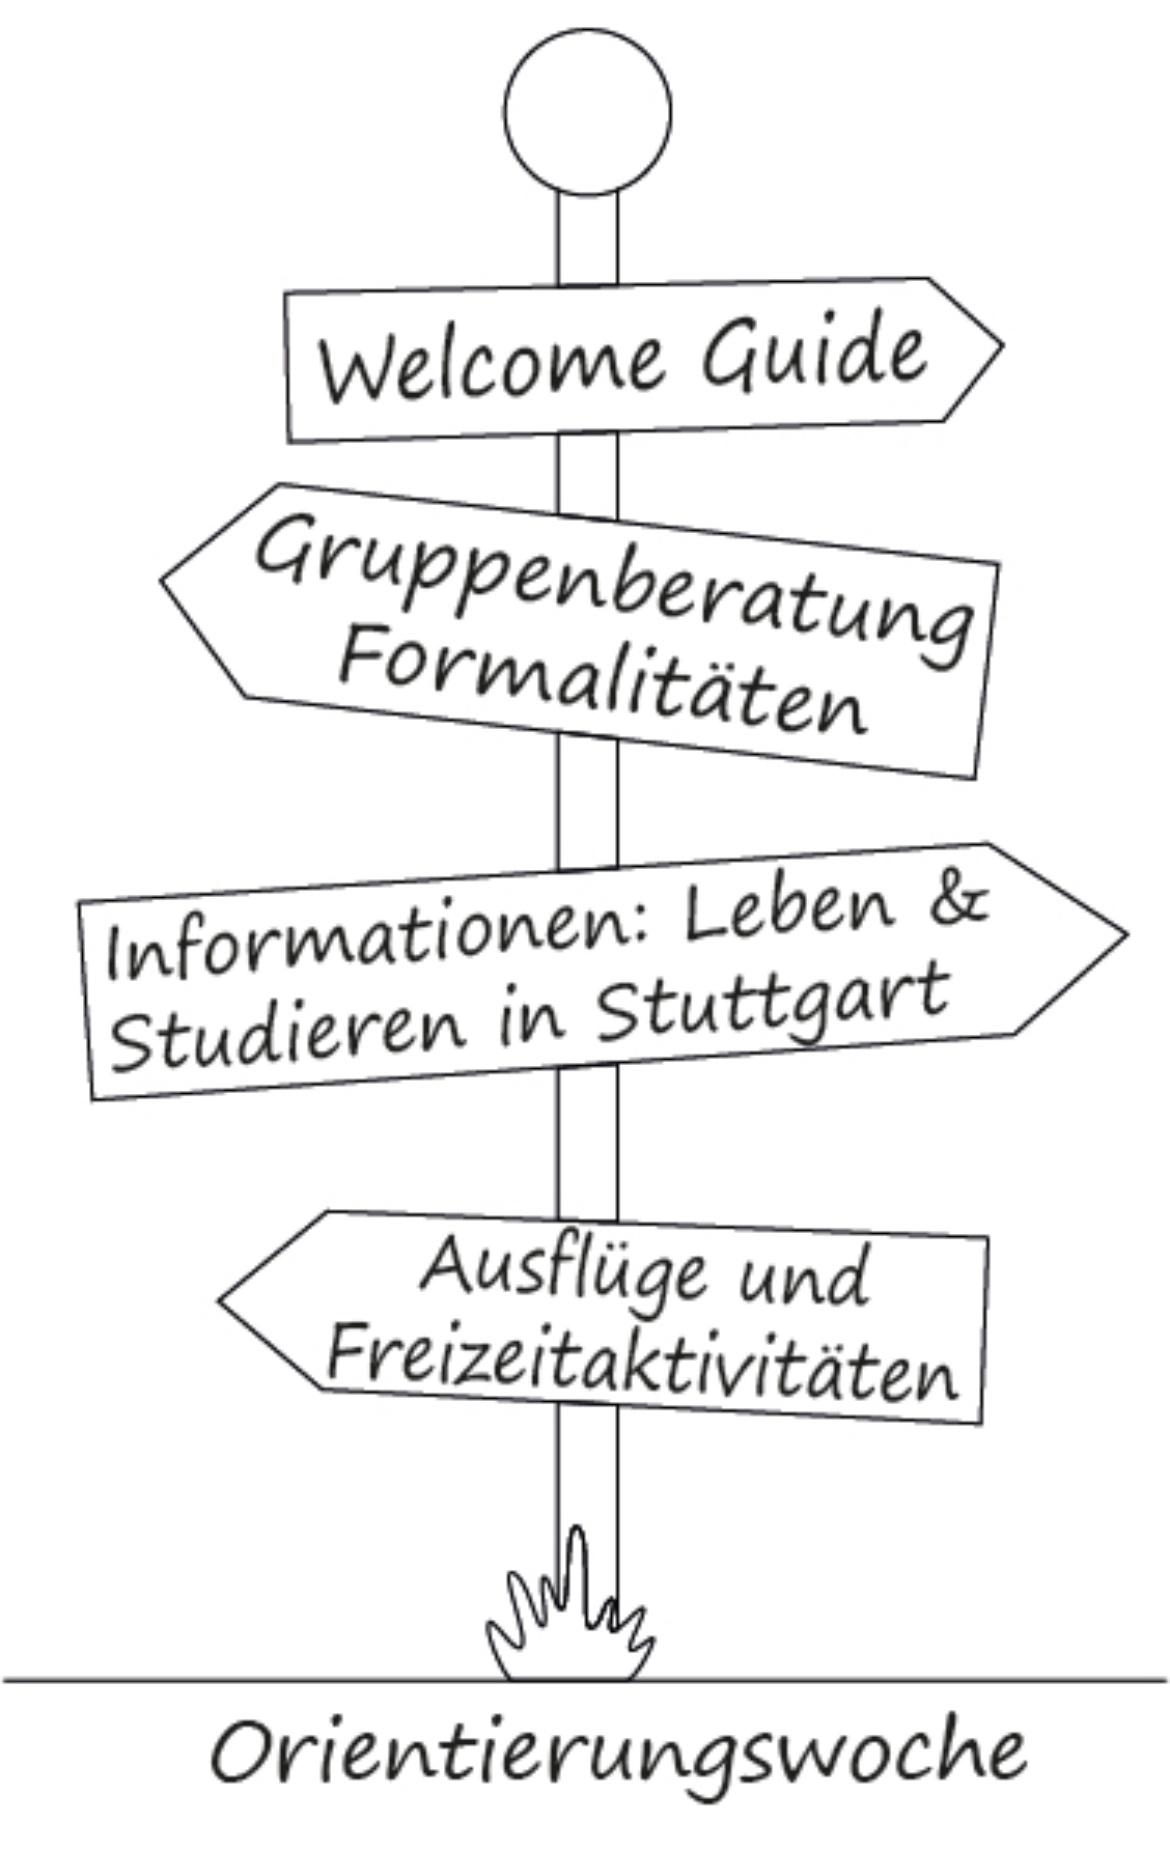 angebotene Veranstaltungen: Welcome Guide, Gruppenberatung zu Formalitäten, Informationen zum Leben und Studieren in Stuttgart, Ausflüge und Freizeitaktivitäten